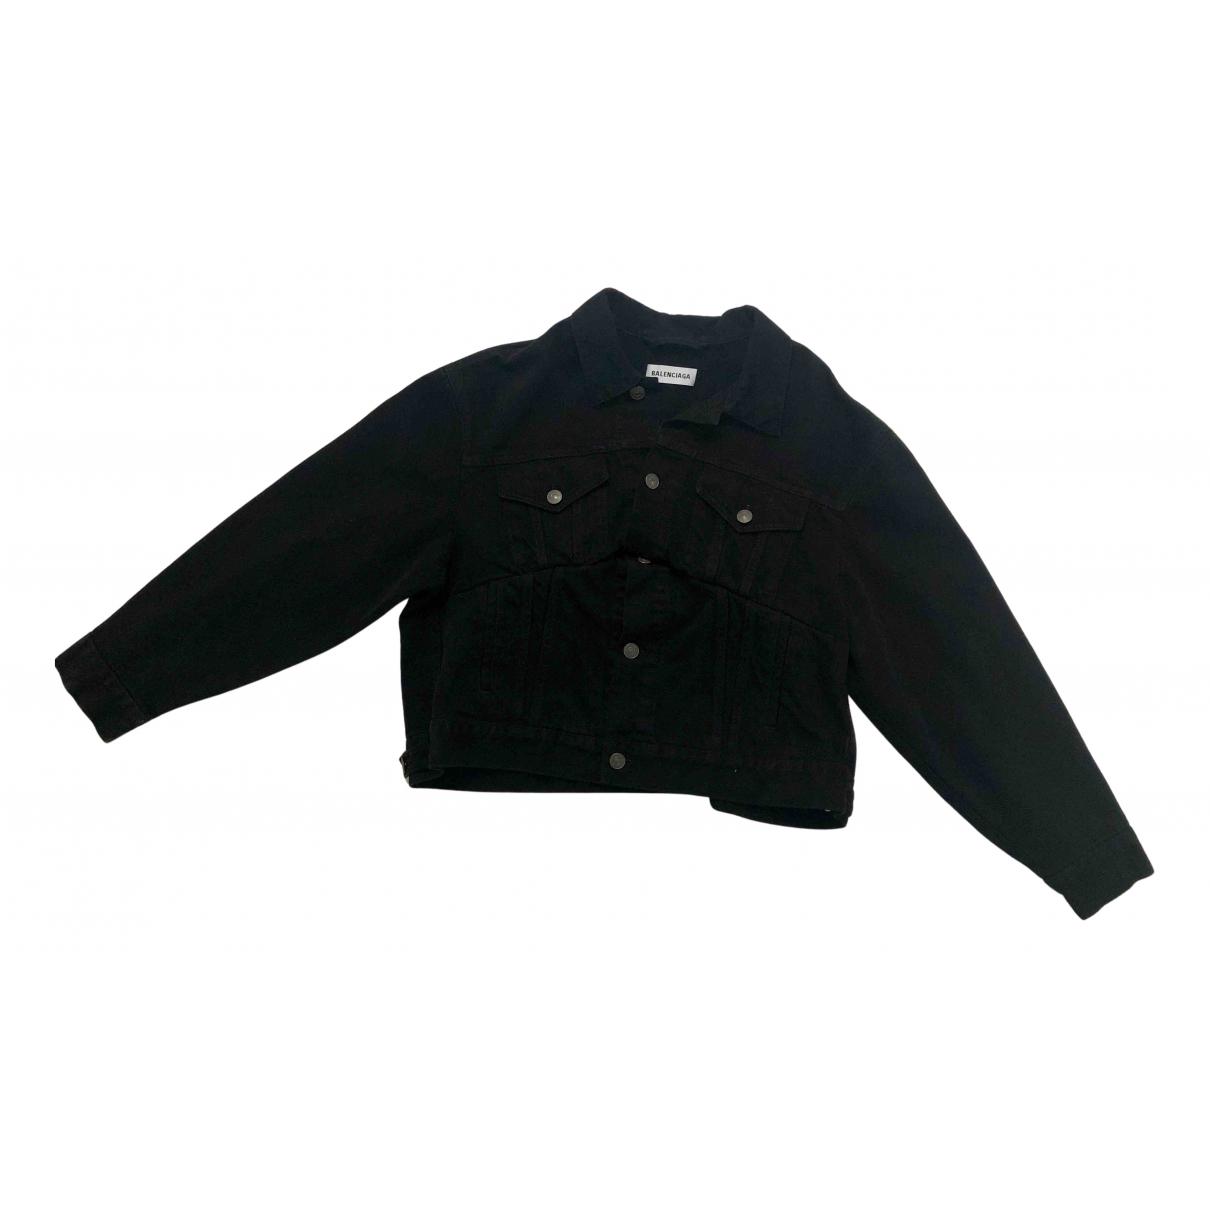 Balenciaga N Black Denim - Jeans jacket for Women 36 FR